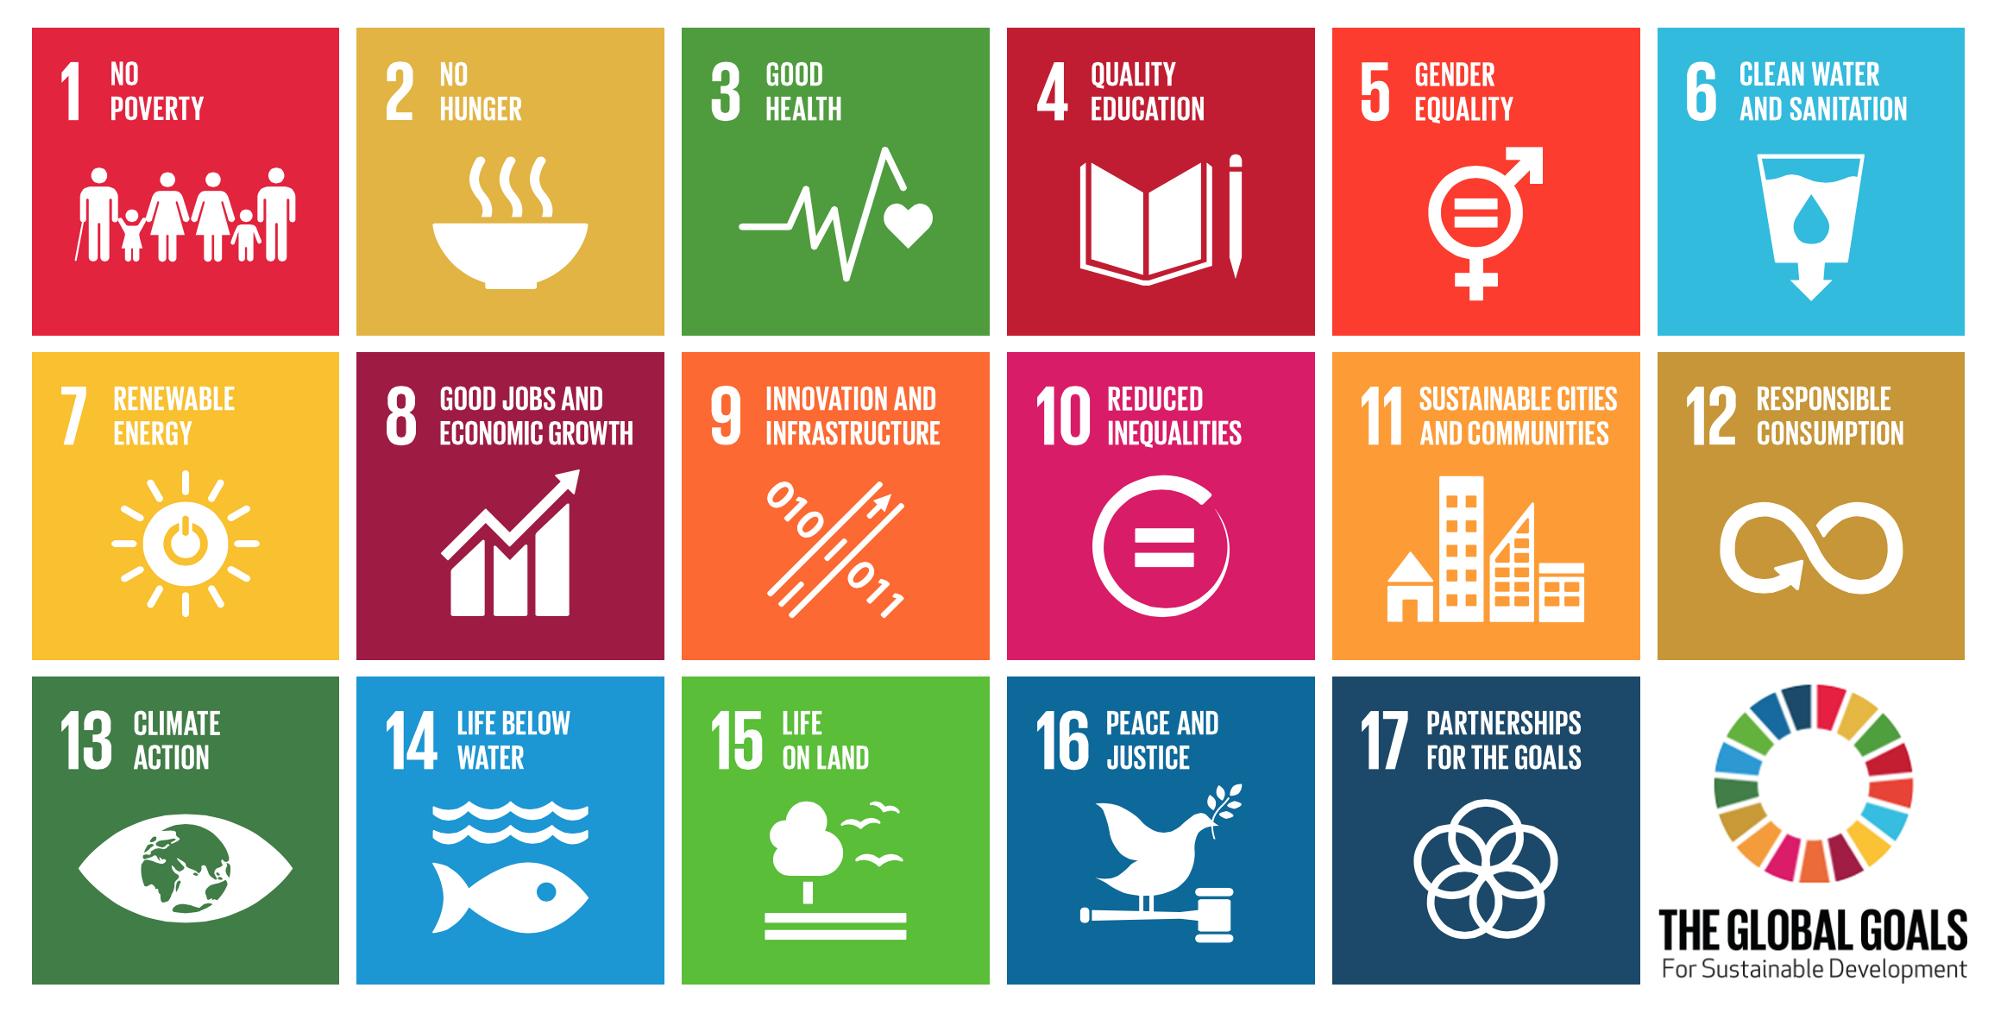 development goals united nations peru